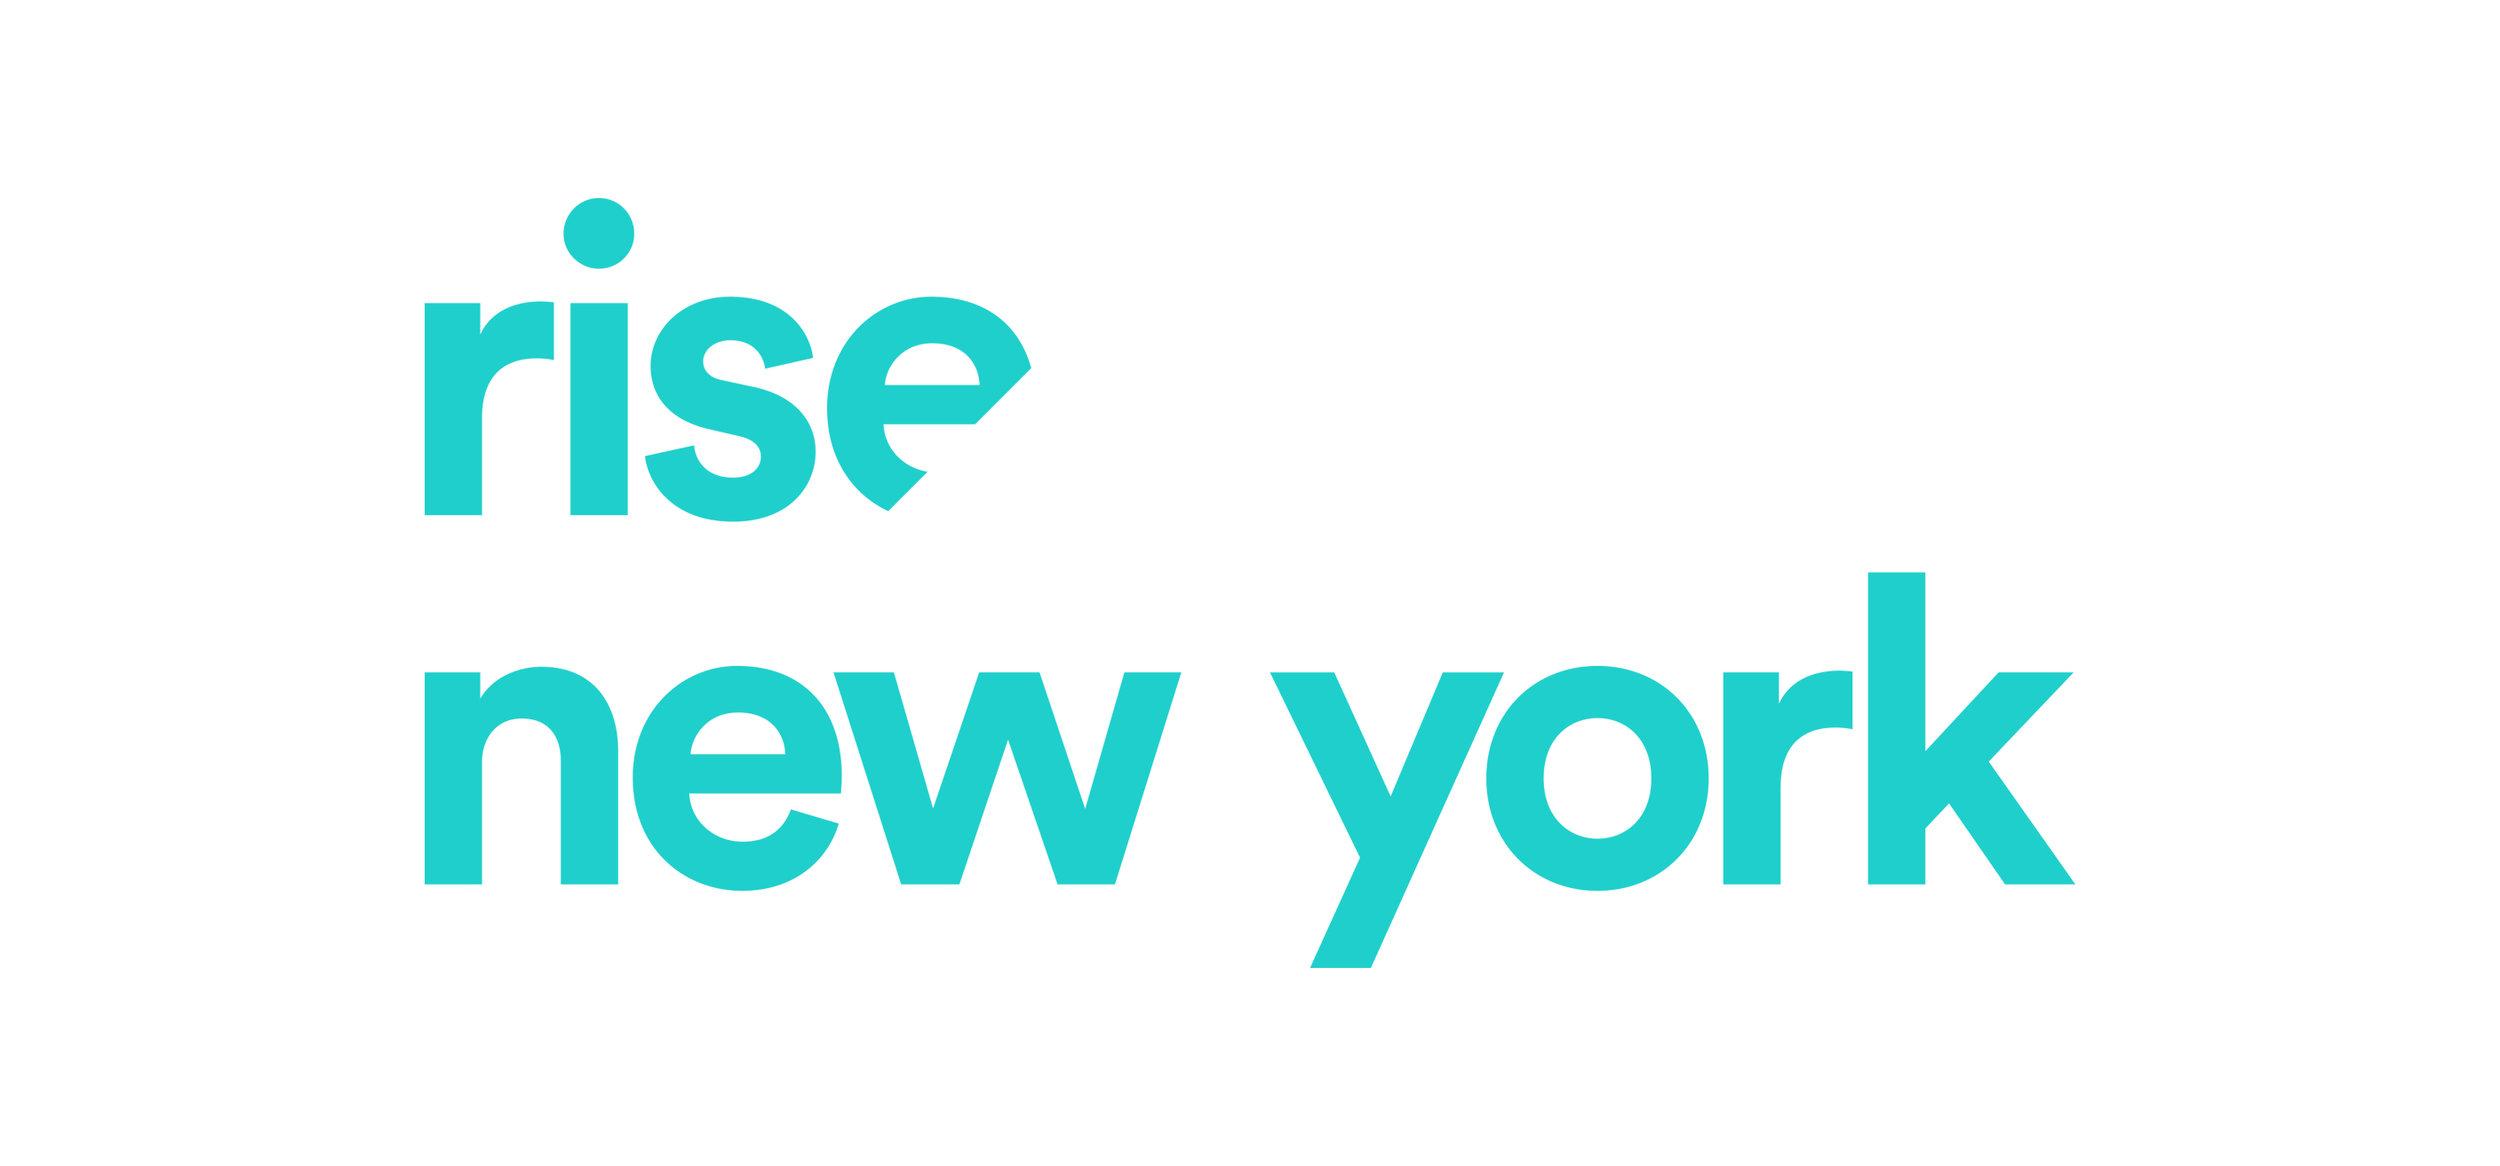 rise new york white.jpg